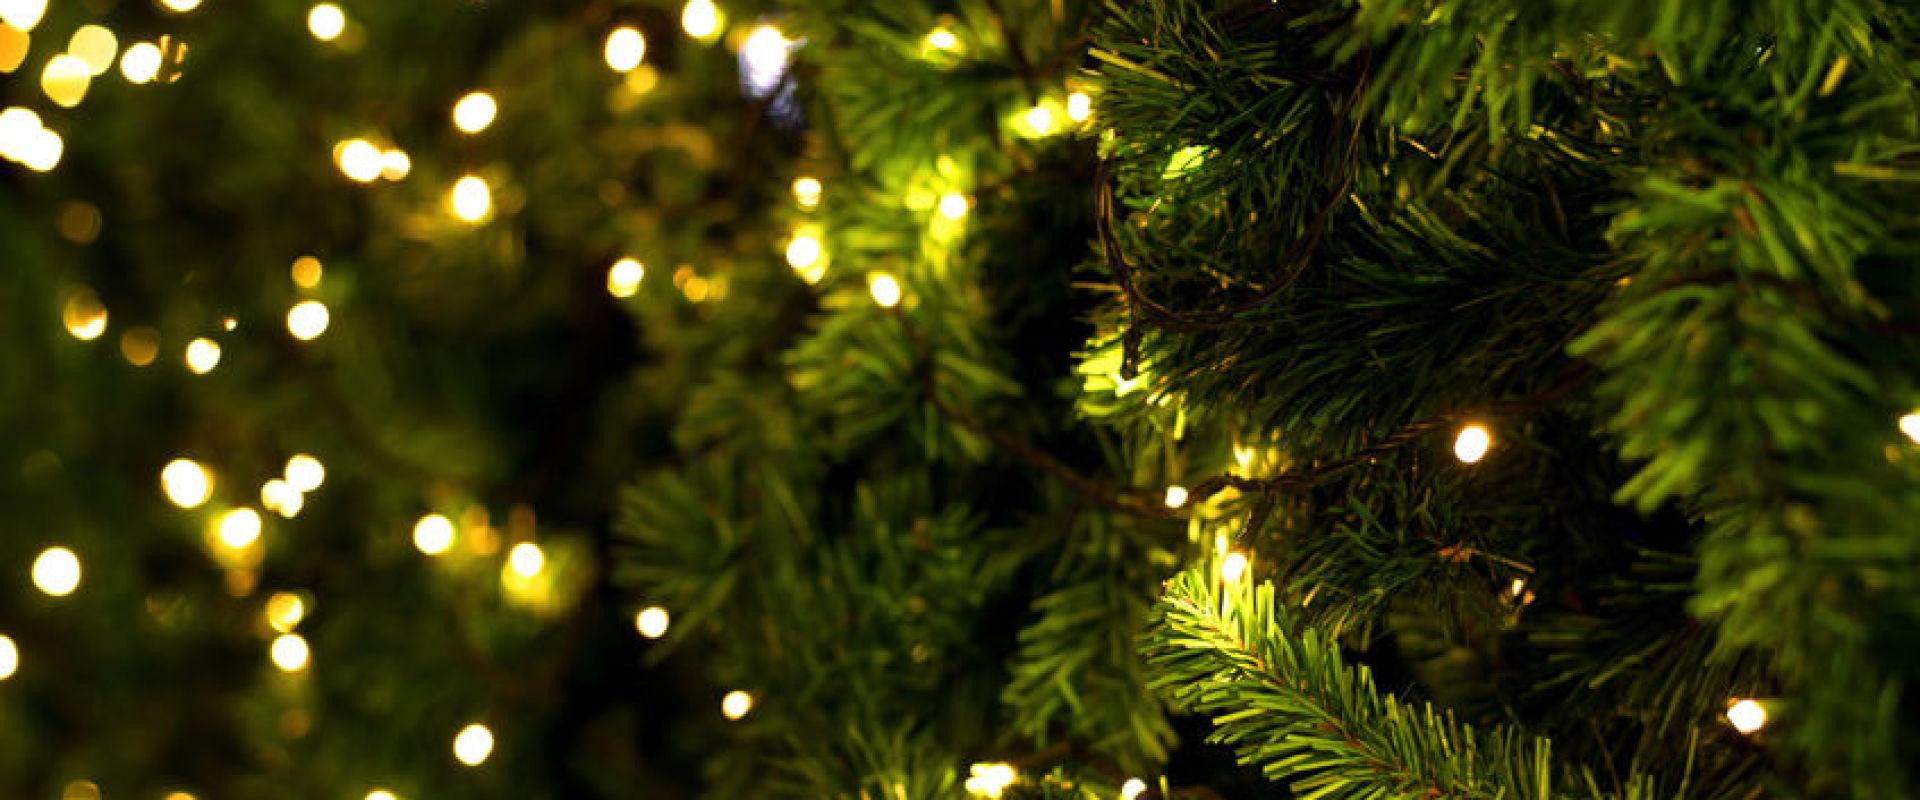 Hoe ga je met ontspannen ogen de kerstdagen in?